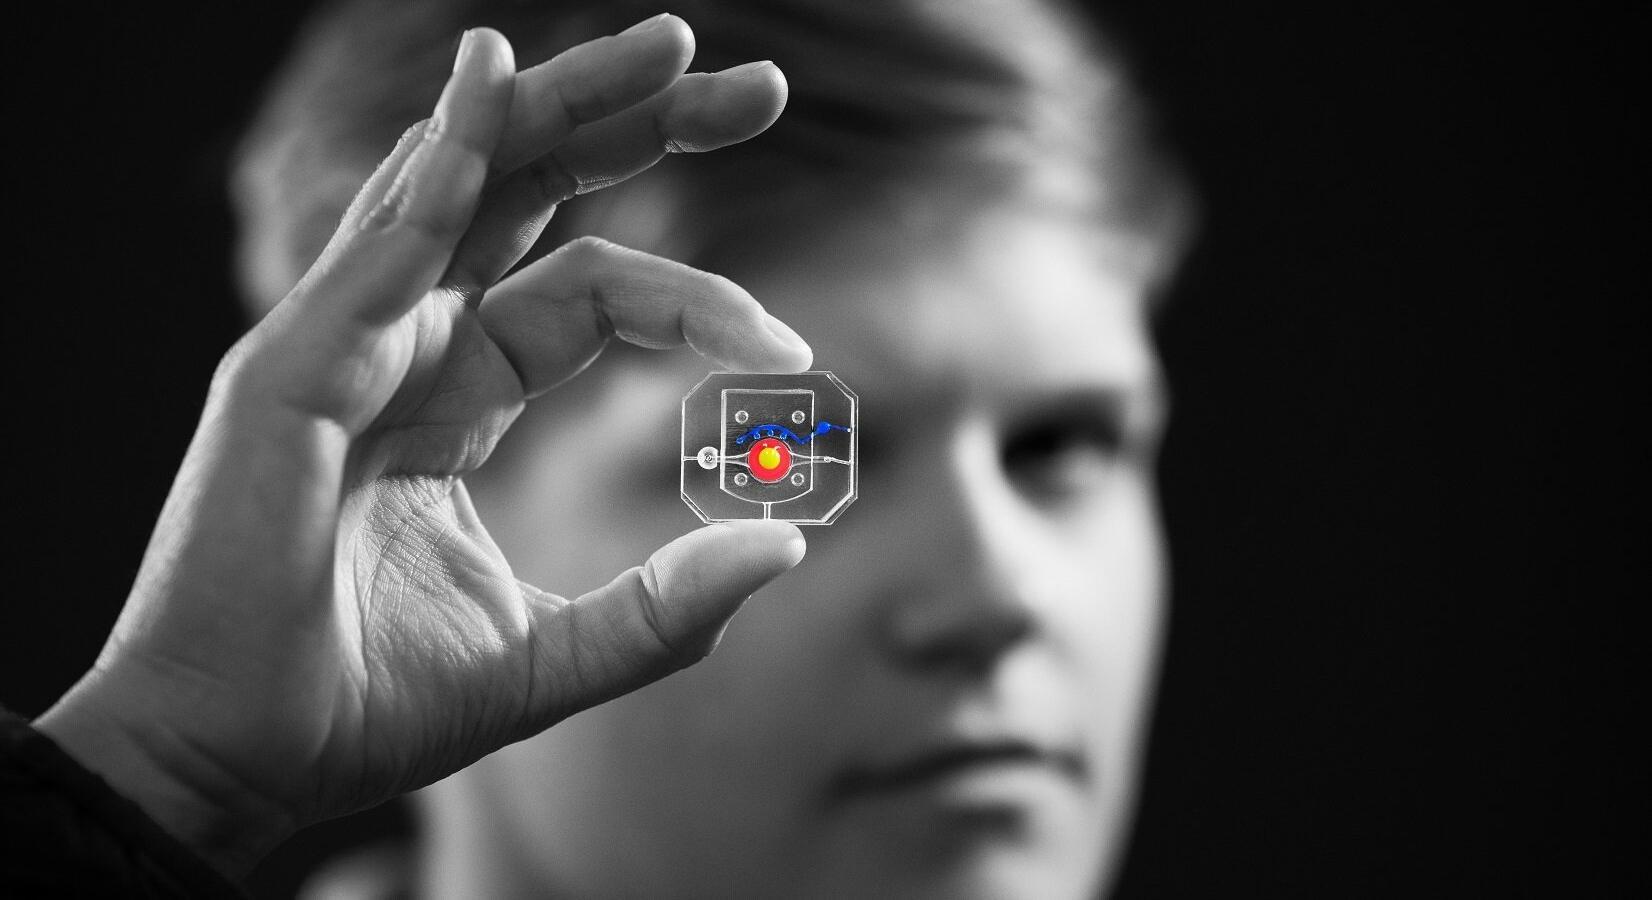 Глаз-на-чипе помог смоделировать лечение синдрома сухого глаза